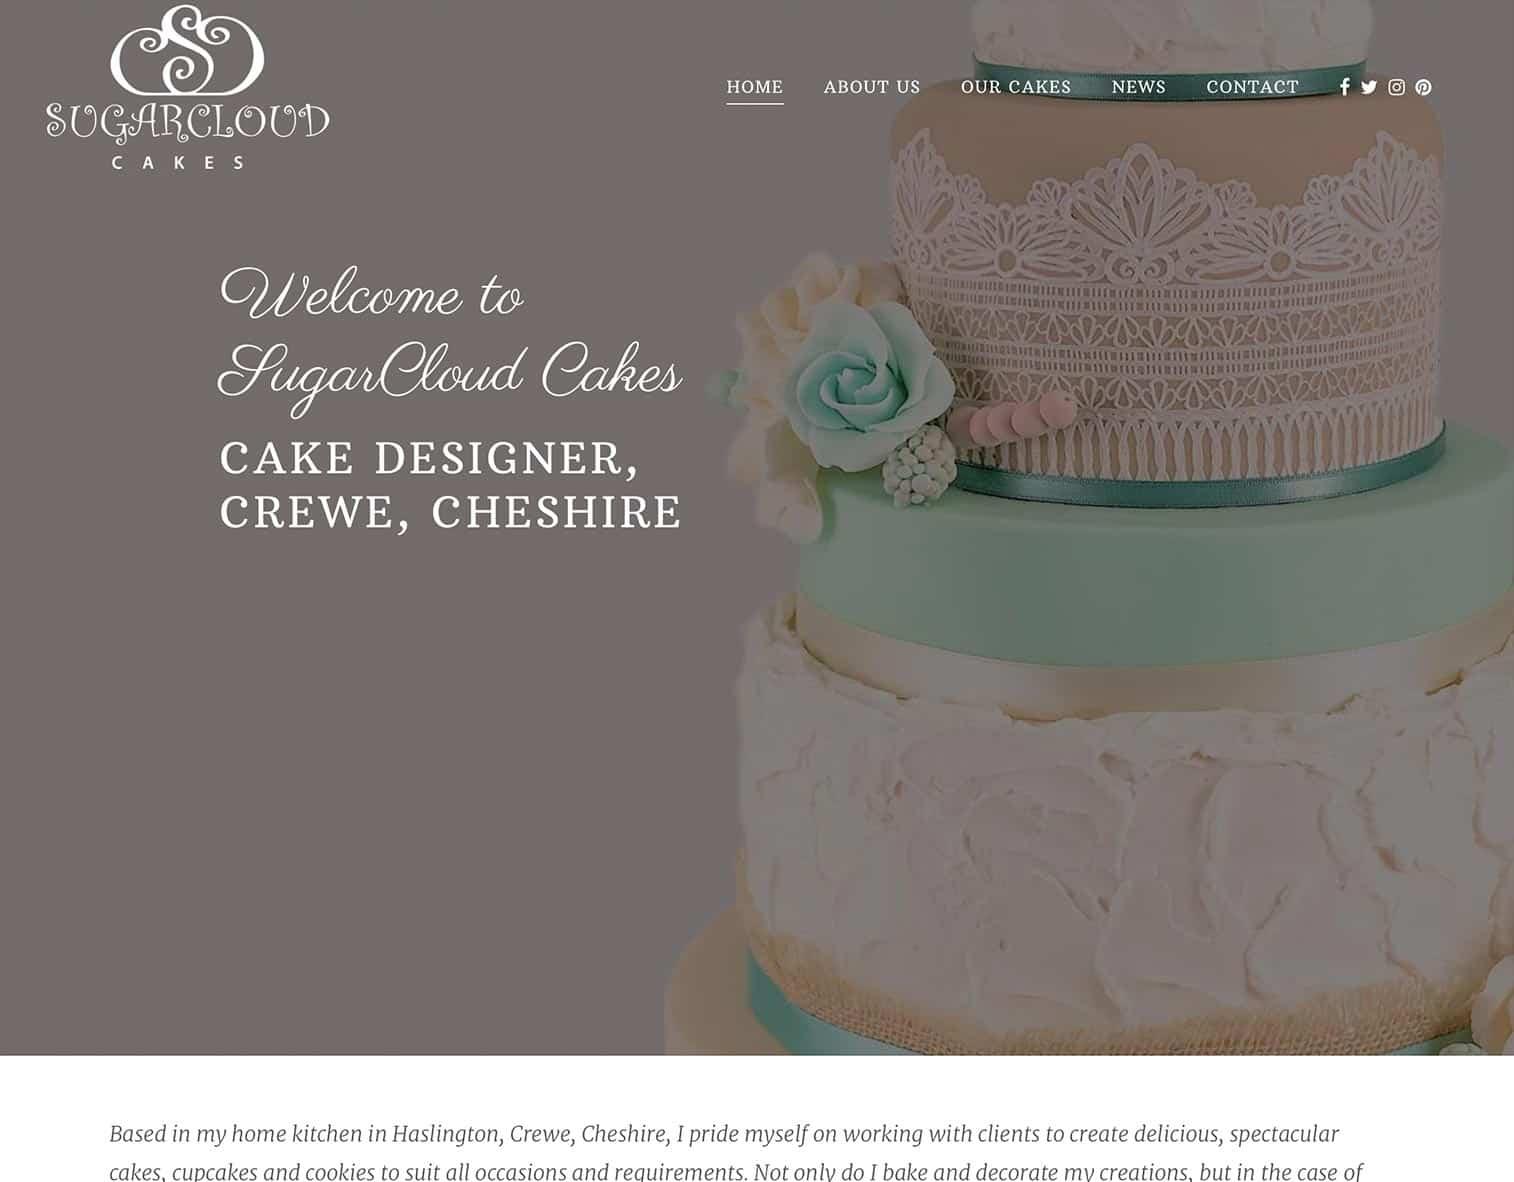 Sugarcloud cakes crewe website